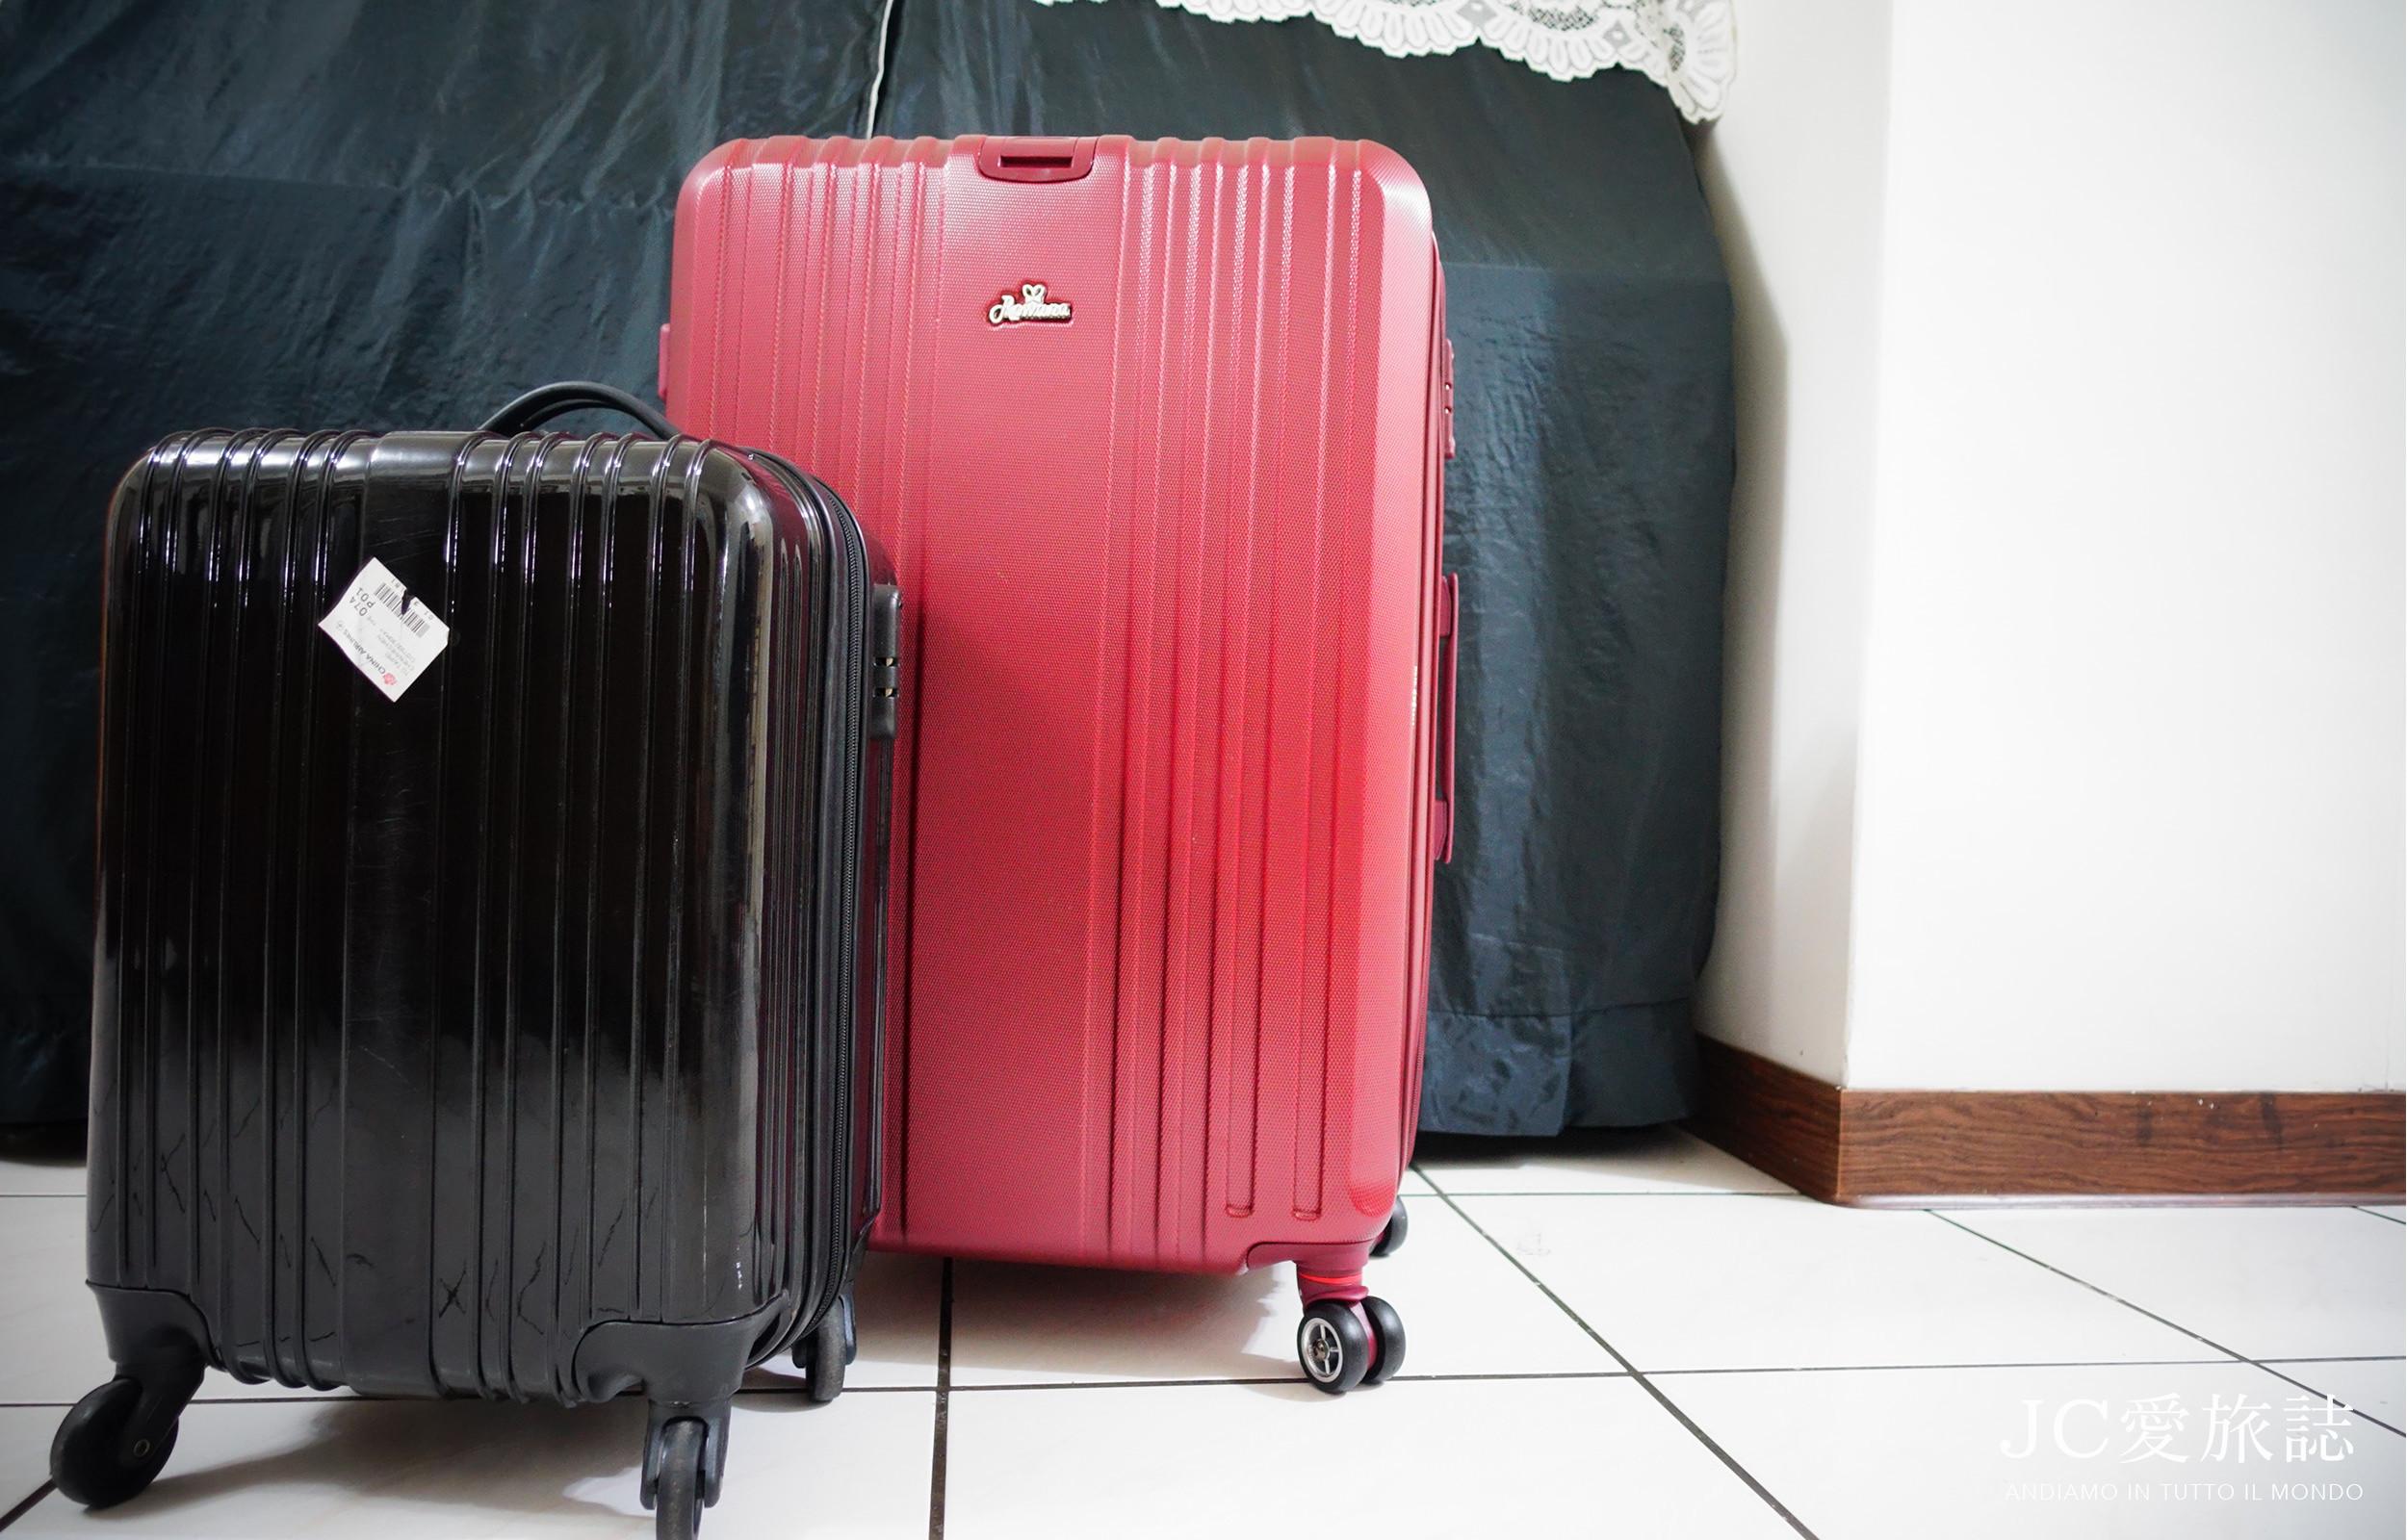 山茶花睫毛,旅遊行前收拾行李妙招 IA專業美睫設計